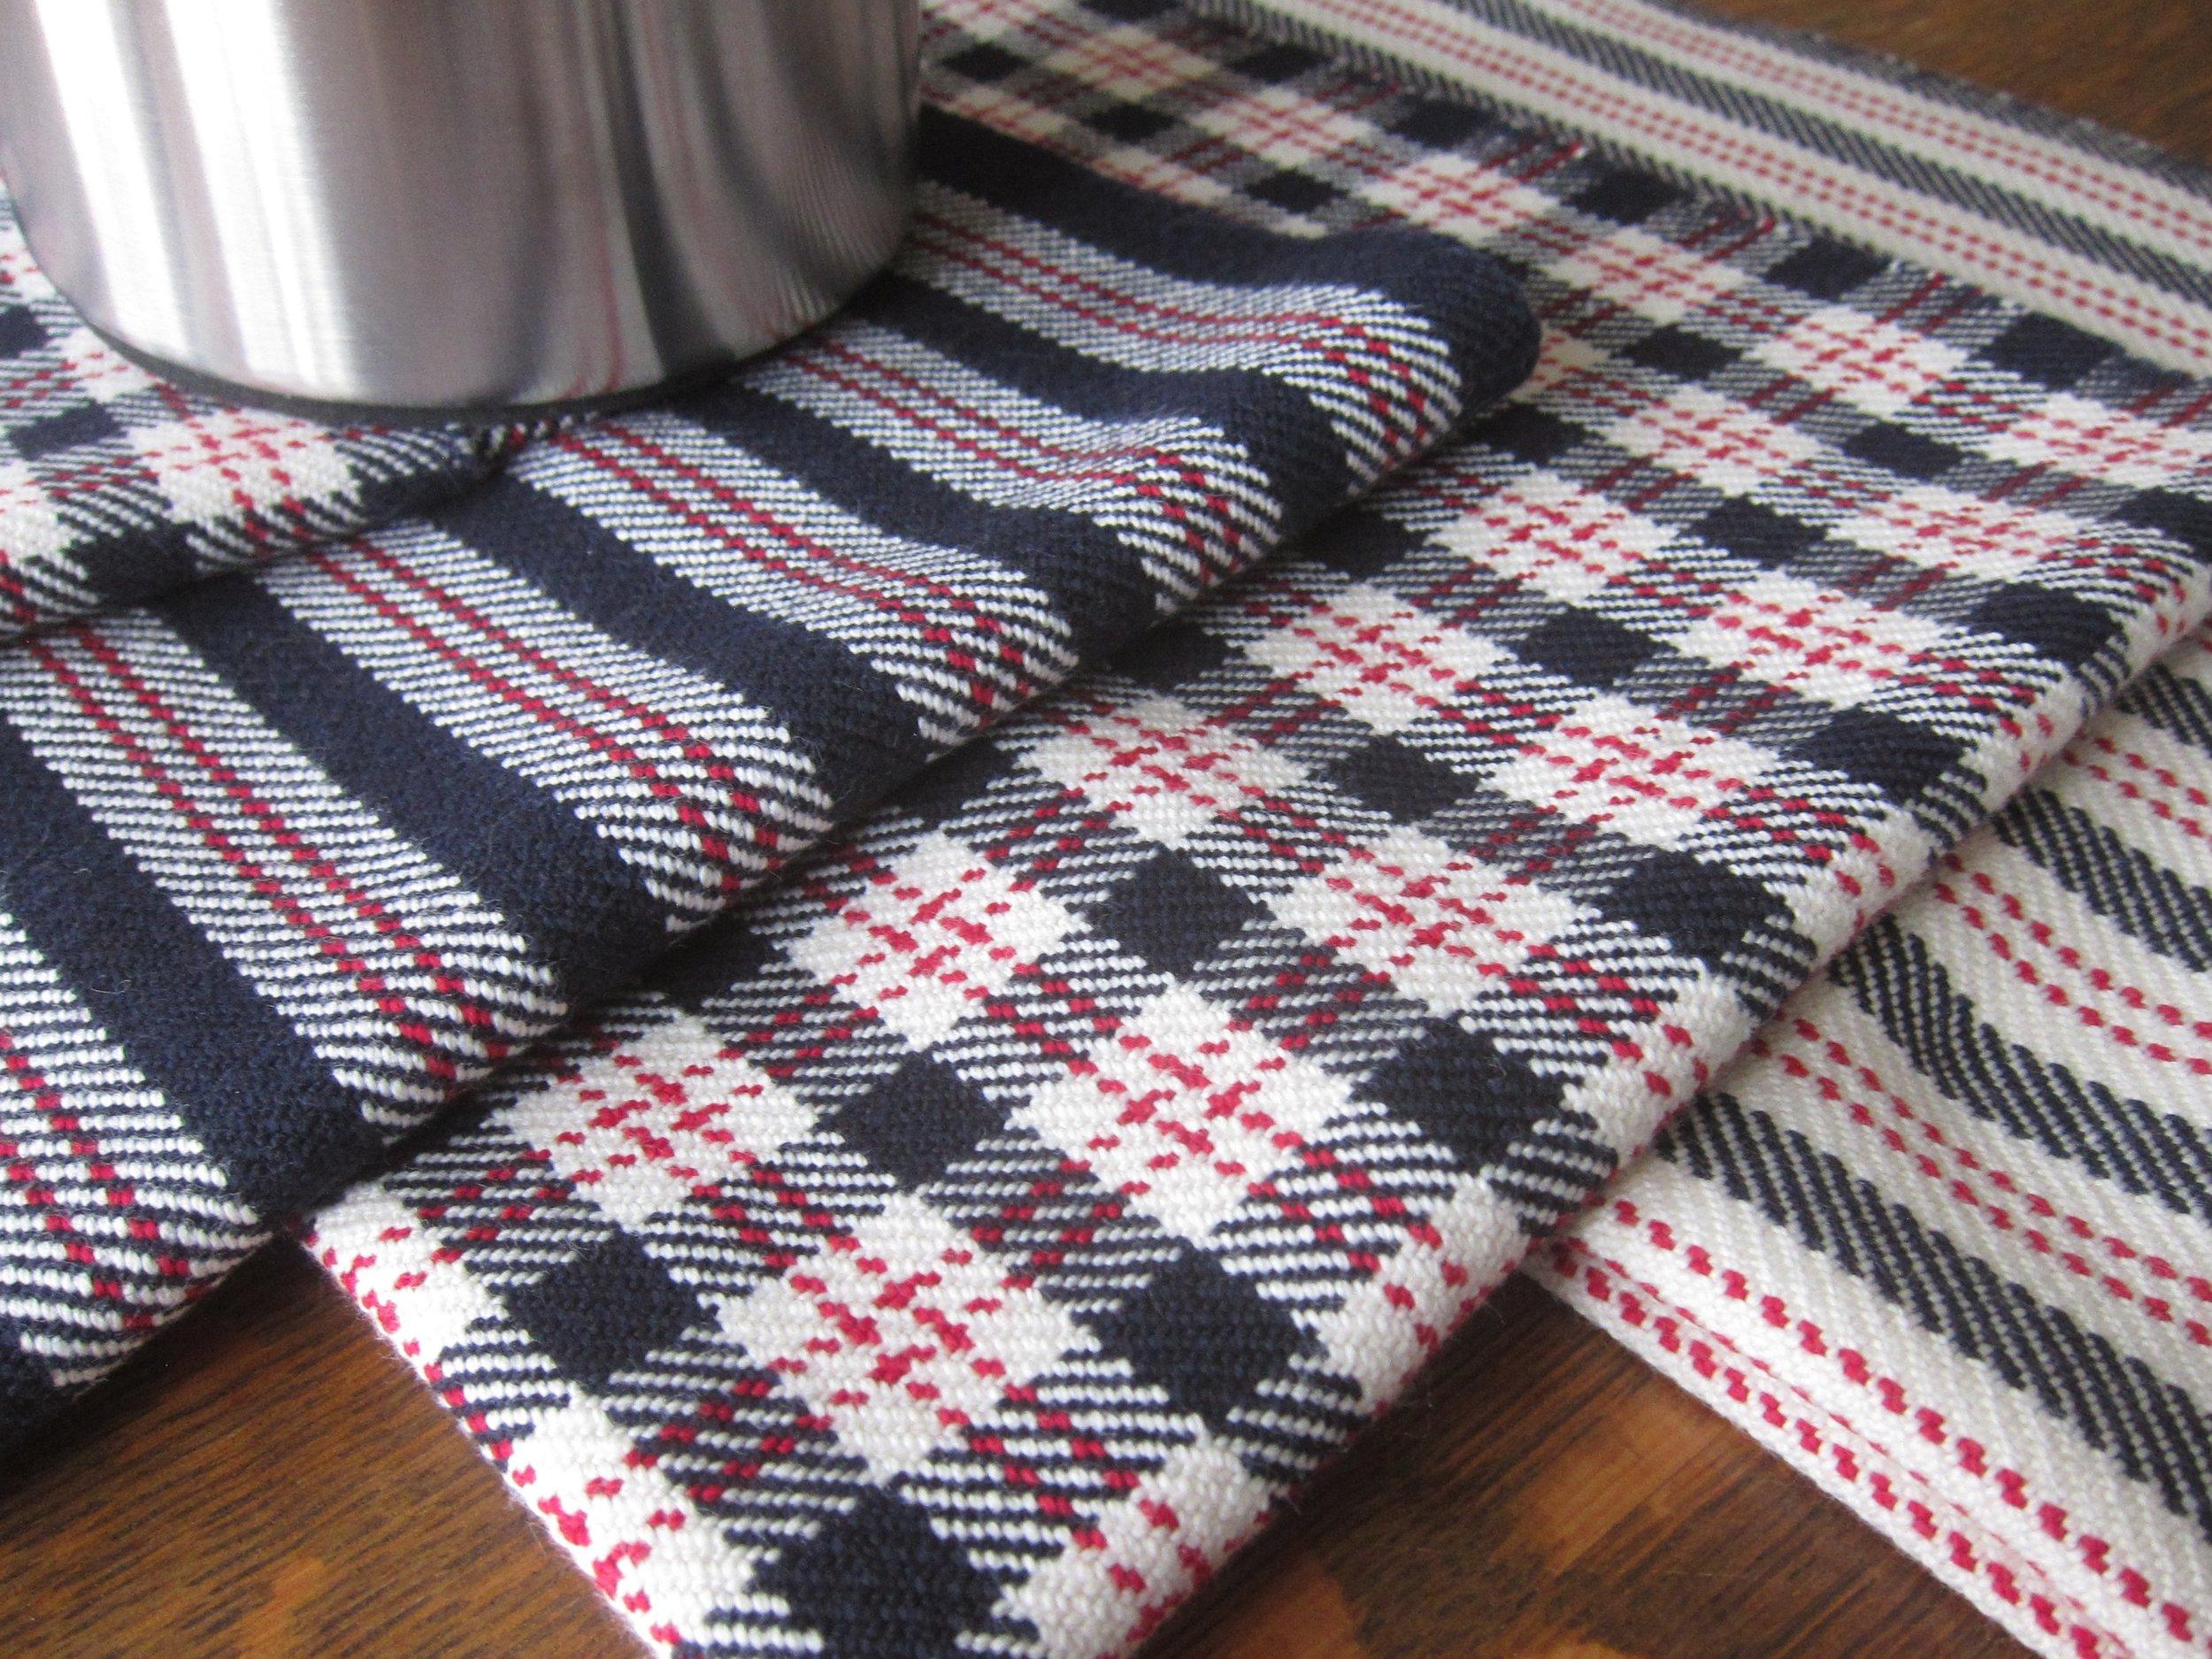 finished towels folded caraf.JPG